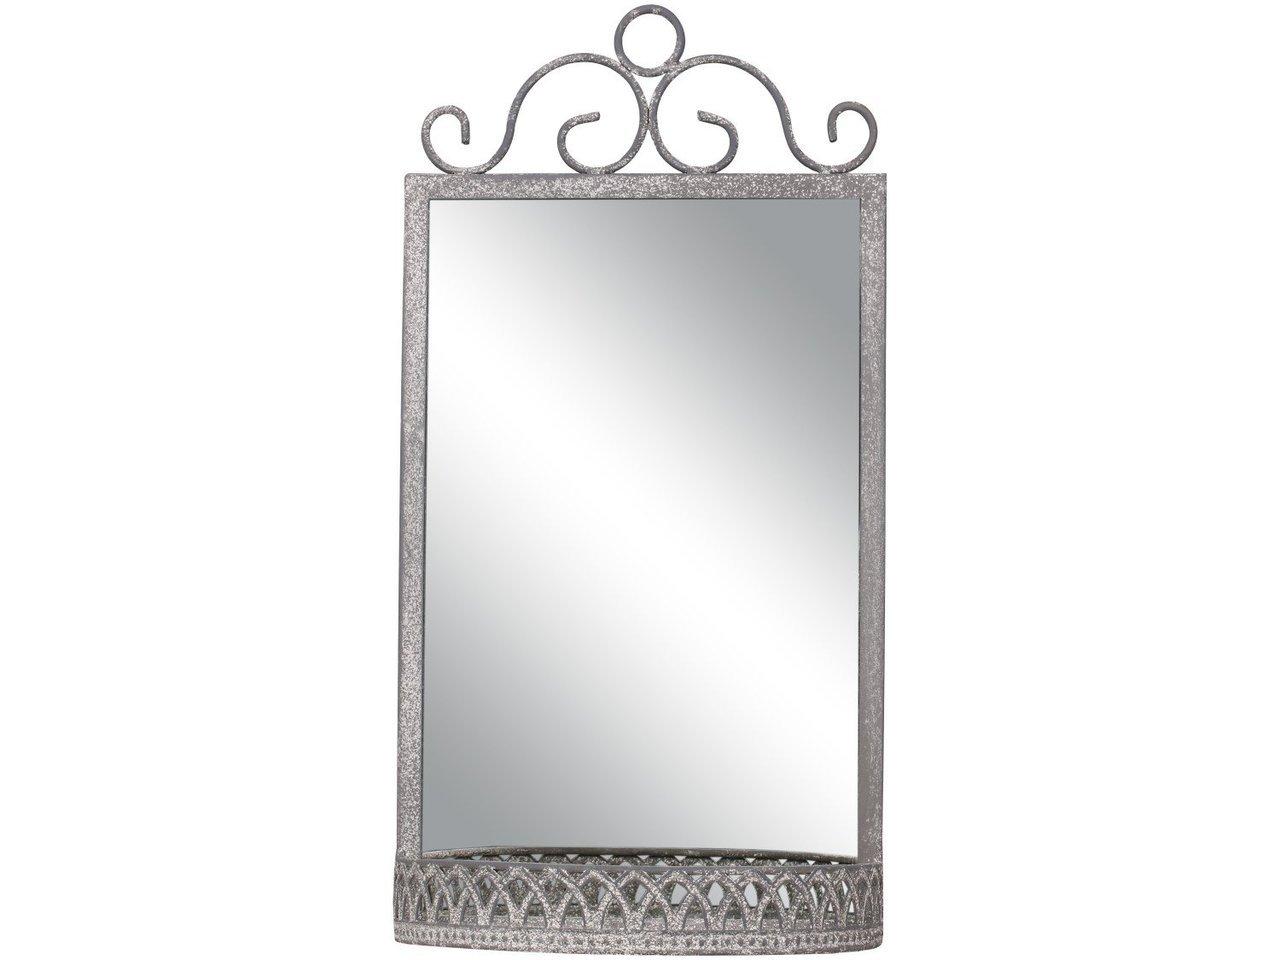 Chic Antique Französischer Spiegel mit Ablage